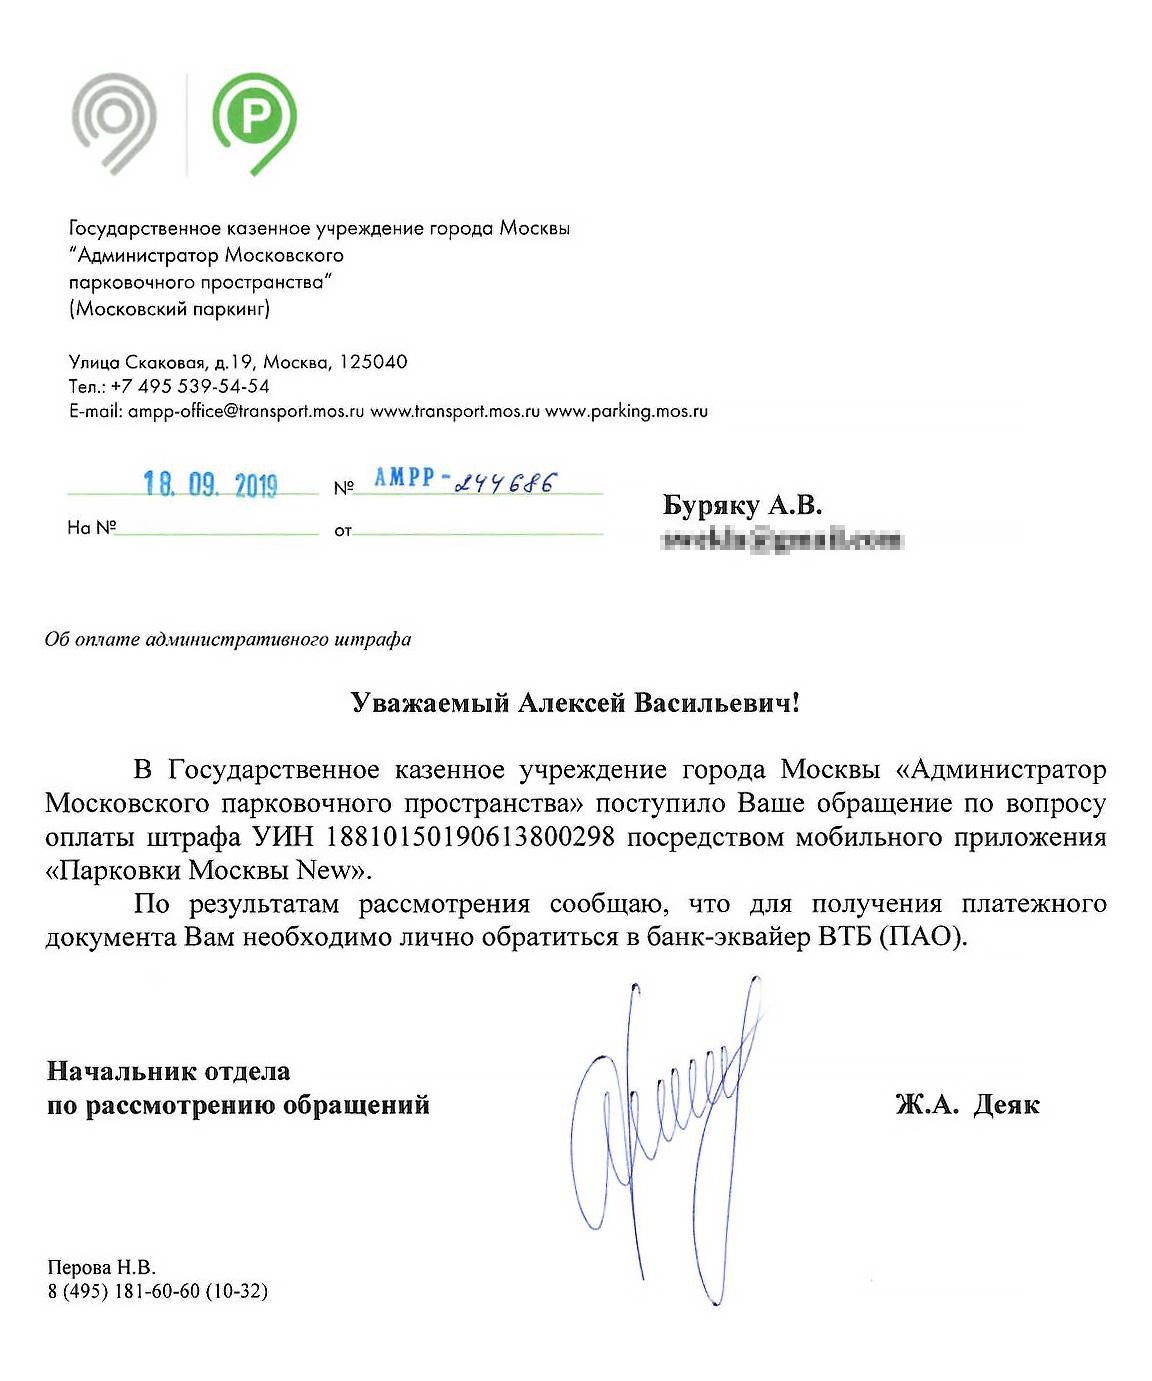 Ответ из АМПП с предложением обратится за подтверждением оплаты штрафа в банк эквайер